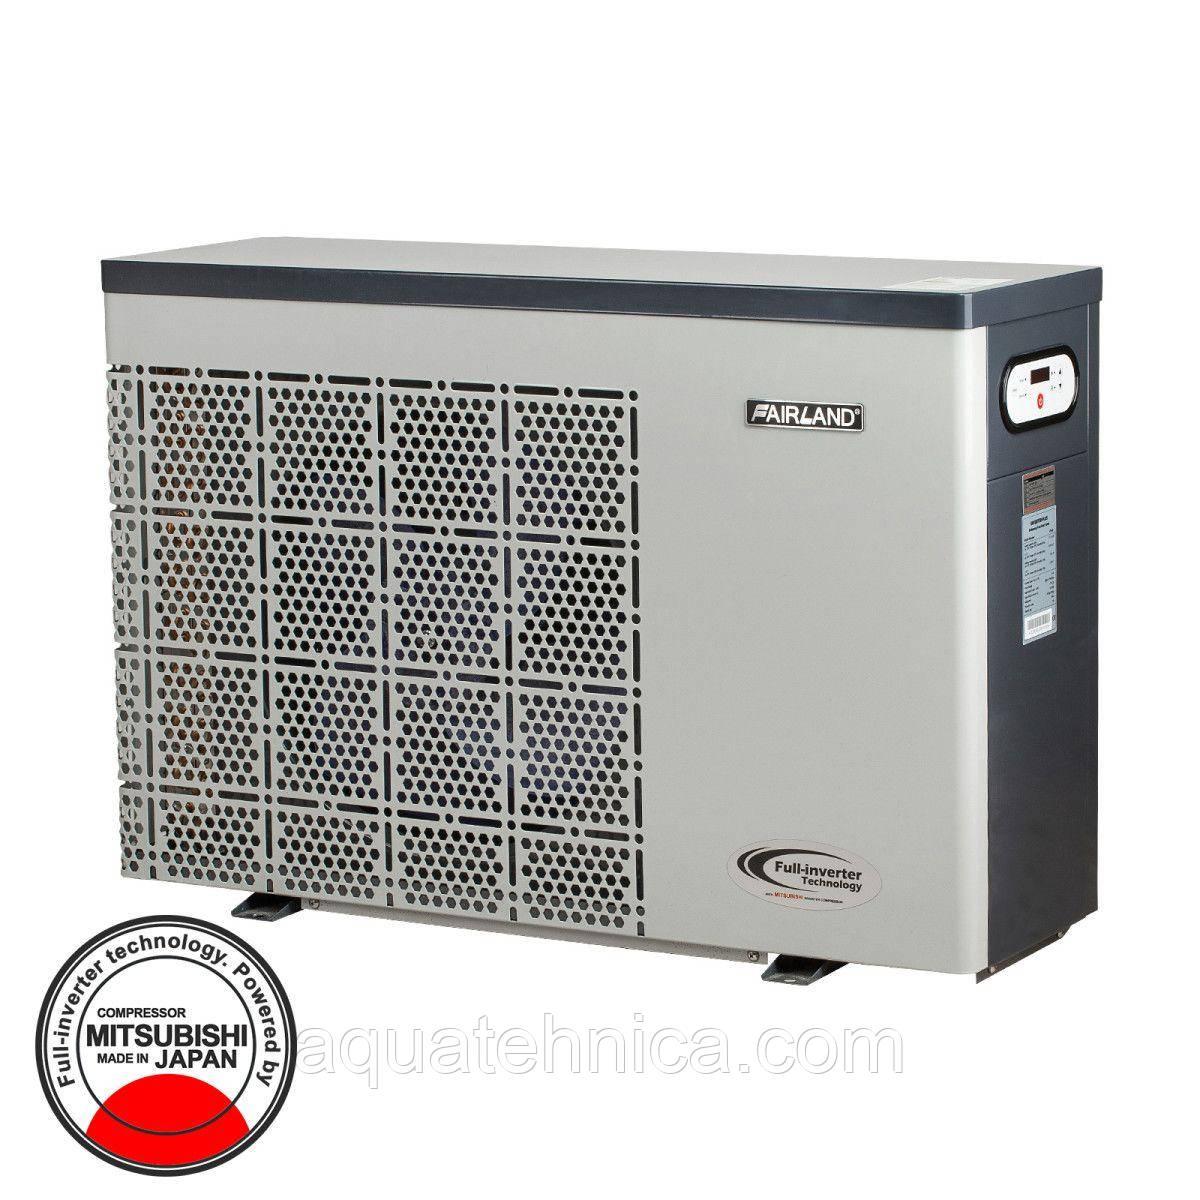 Насос инверторный тепловой Fairland IPHC70T, тепло и охлождение теплой воды